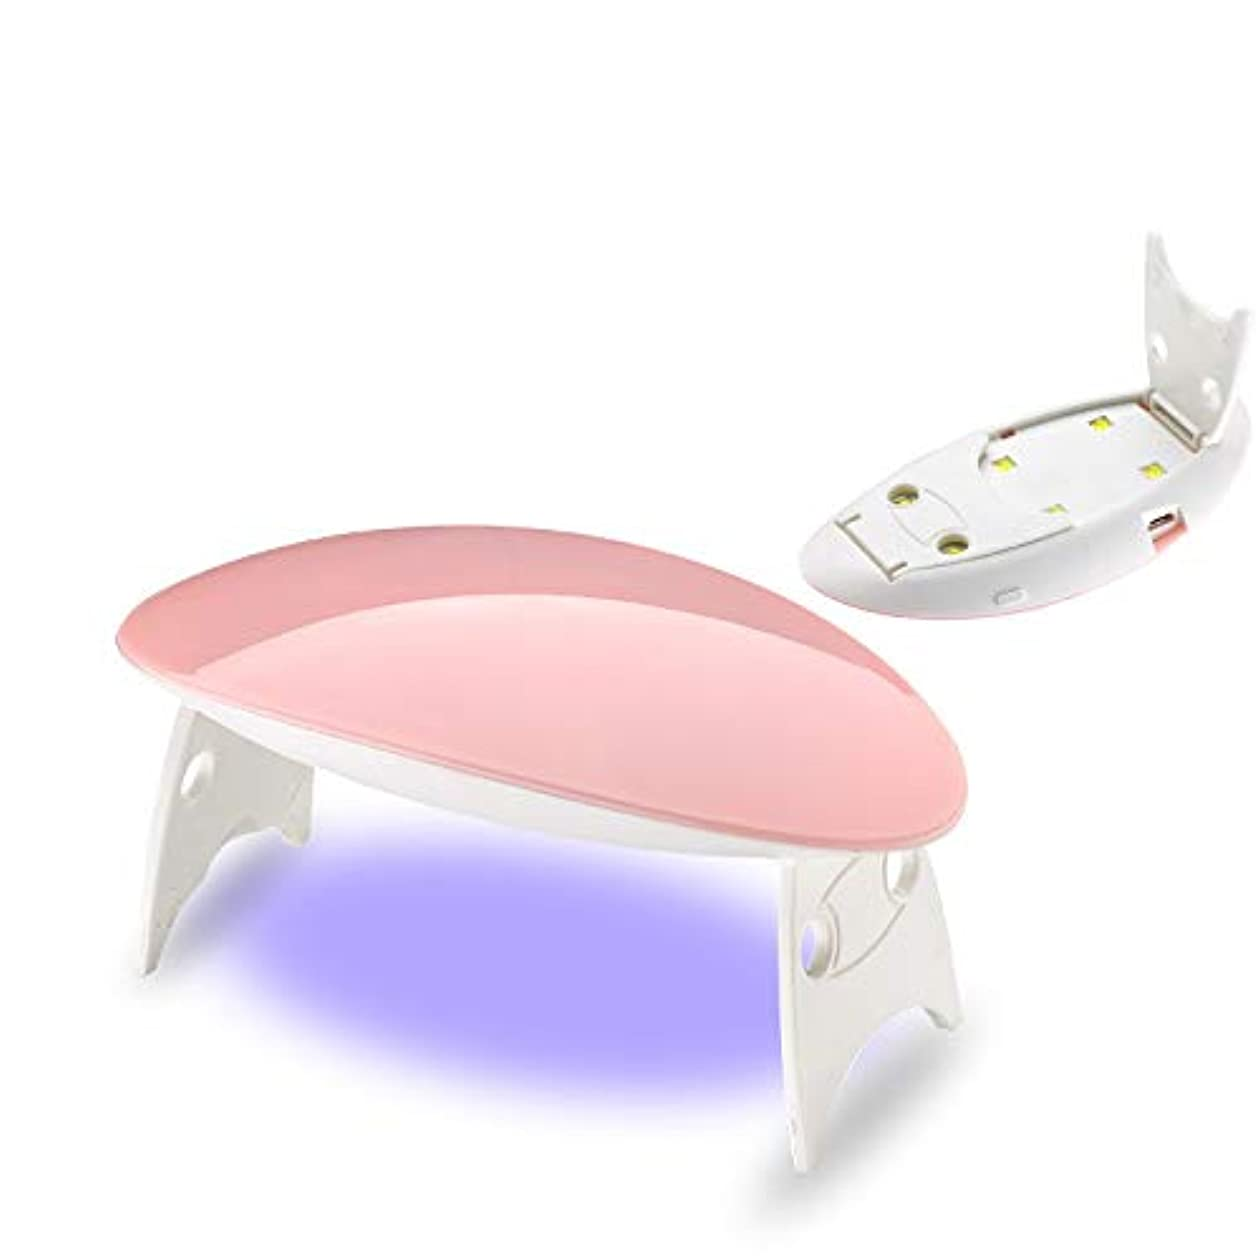 移動合図ウォーターフロント12W ホワイト ネイルドライヤー ネイルデザイン ネイルライト 硬化用ライト ネイルアートツール ピンク